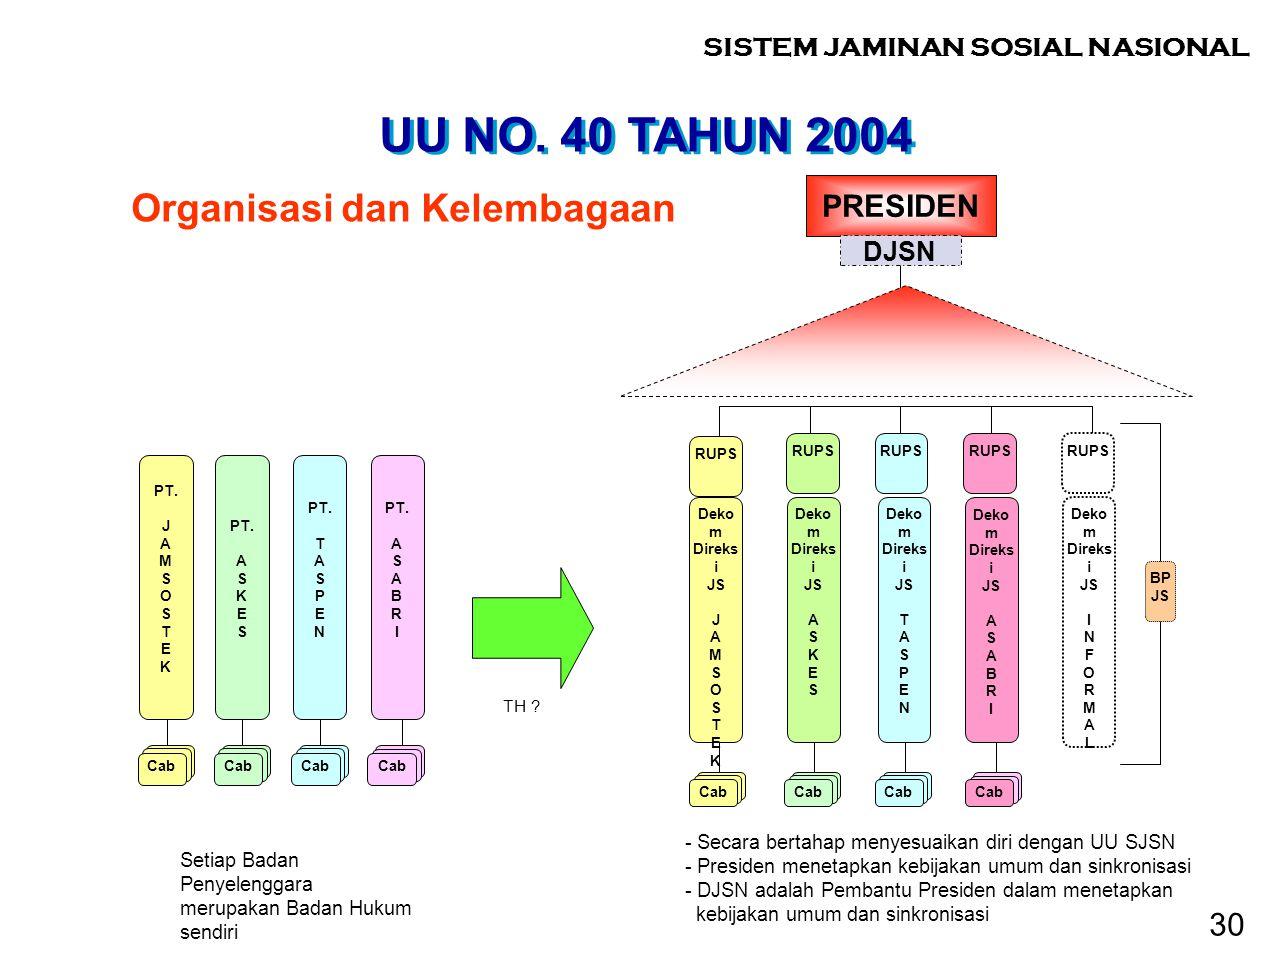 UU NO. 40 TAHUN 2004 Organisasi dan Kelembagaan Setiap Badan Penyelenggara merupakan Badan Hukum sendiri PT. A S K E S Cab PT. T A S P E N Cab PT. A S